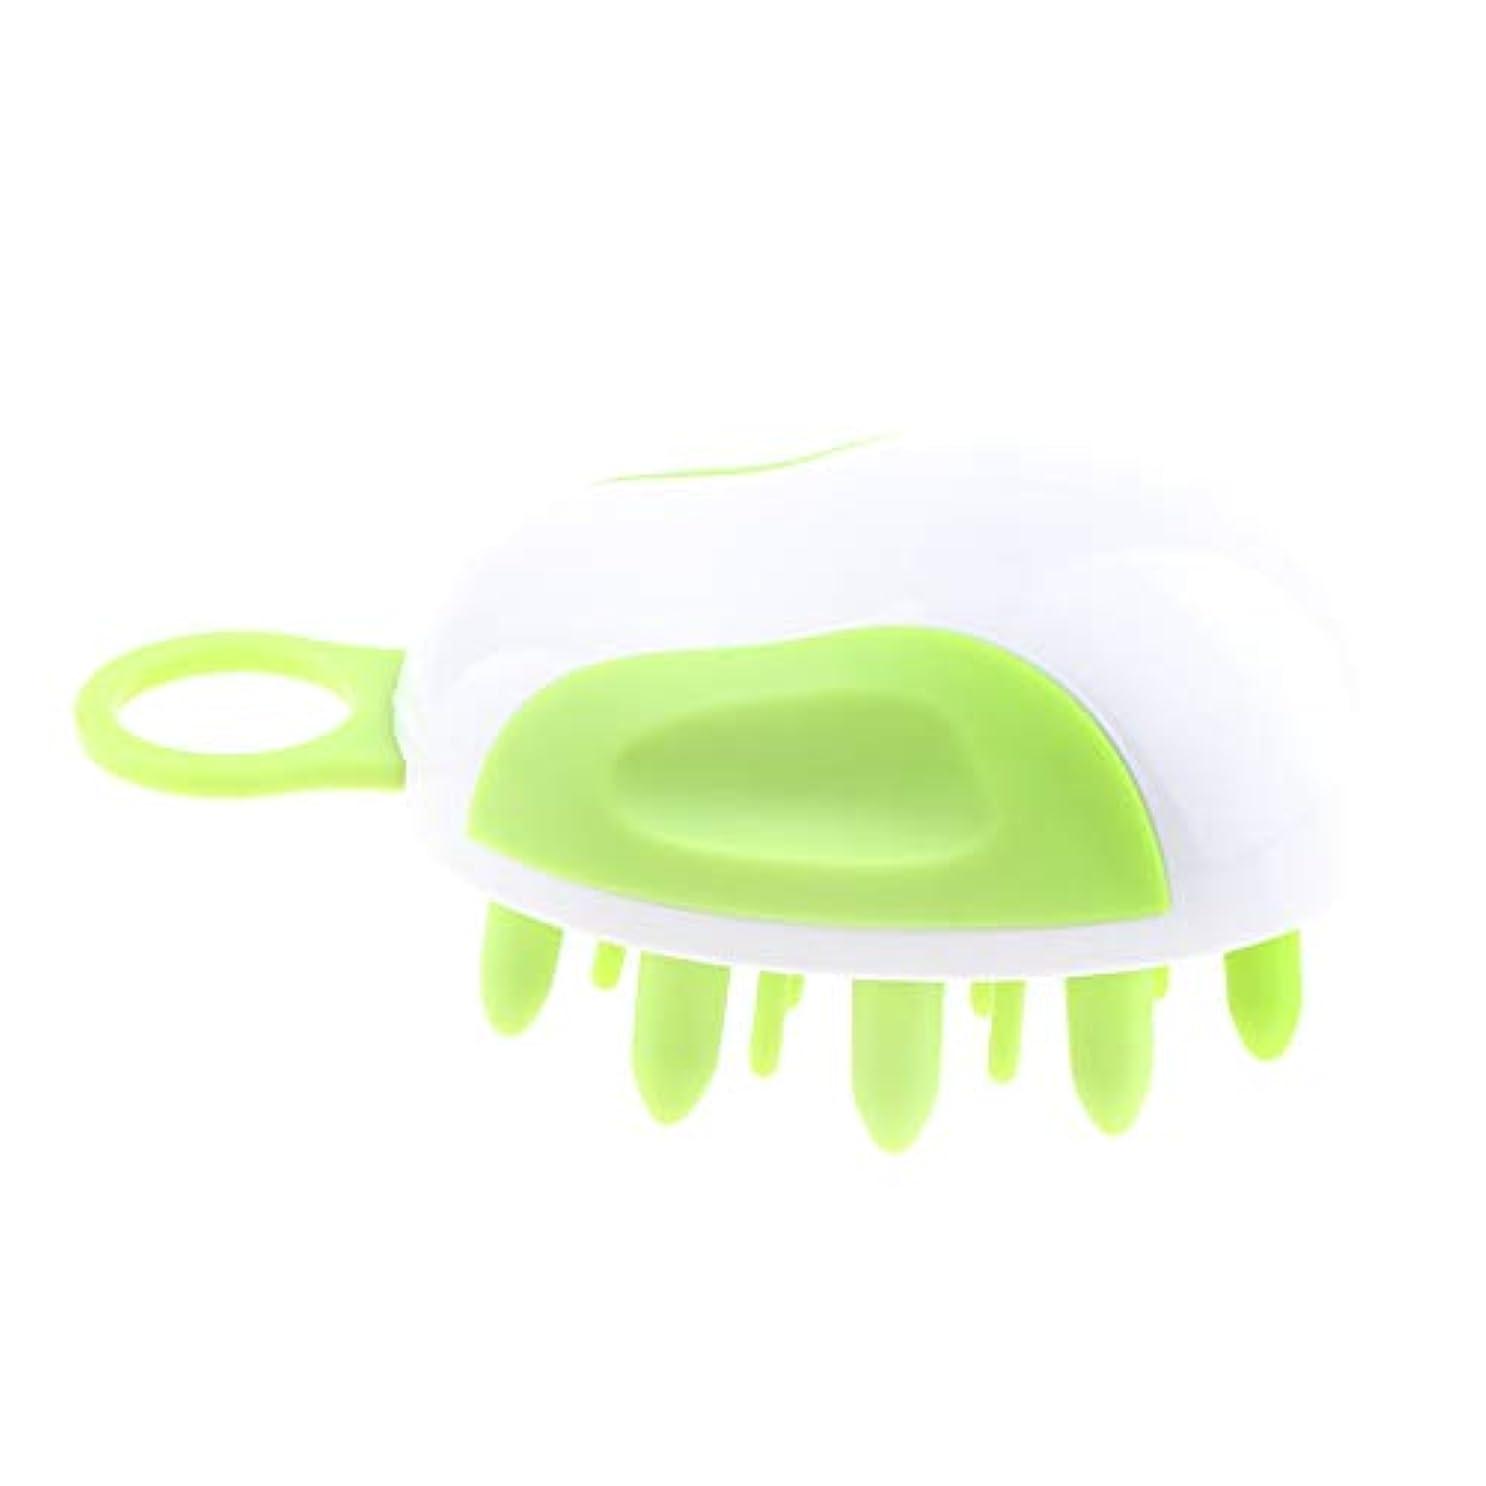 まどろみのある切り下げ寛大さSharplace シャンプーブラシ 角質除去 ヘアダイコーム ヘアブラシ 頭皮マッサージャー ヘアカラーリング用品 全2カラー - 緑